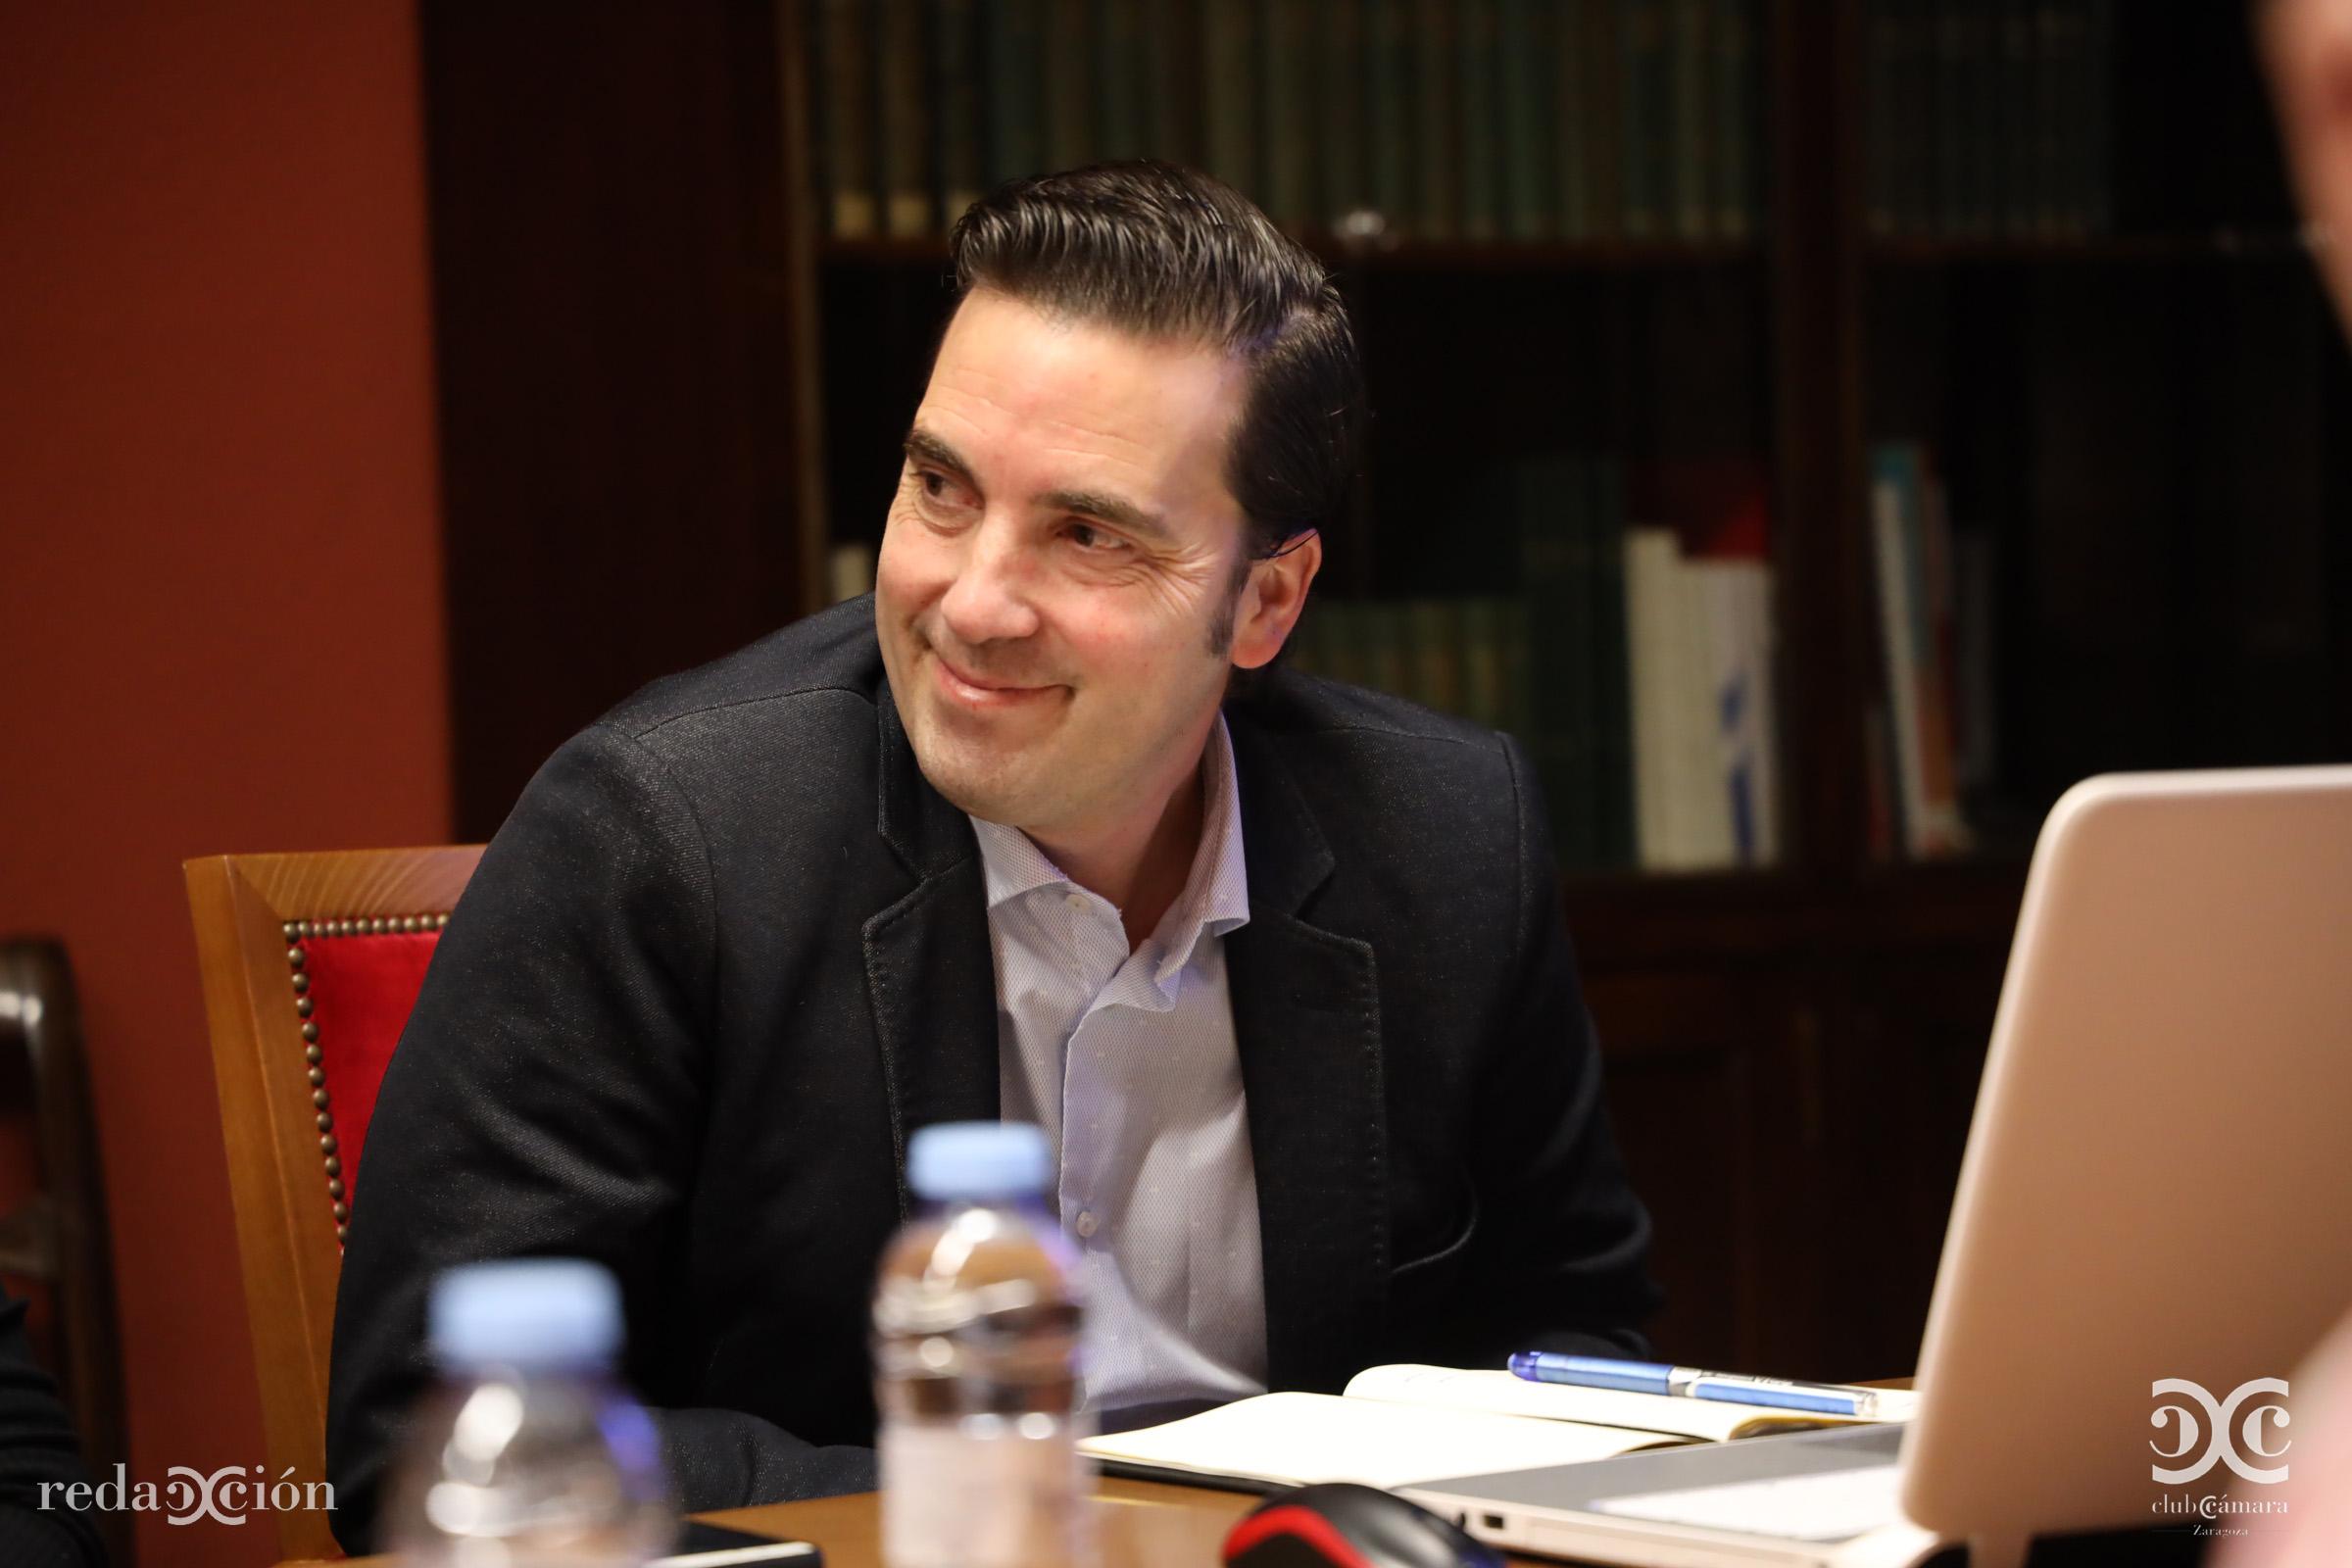 Miguel Ángel Casquero, Idiogram